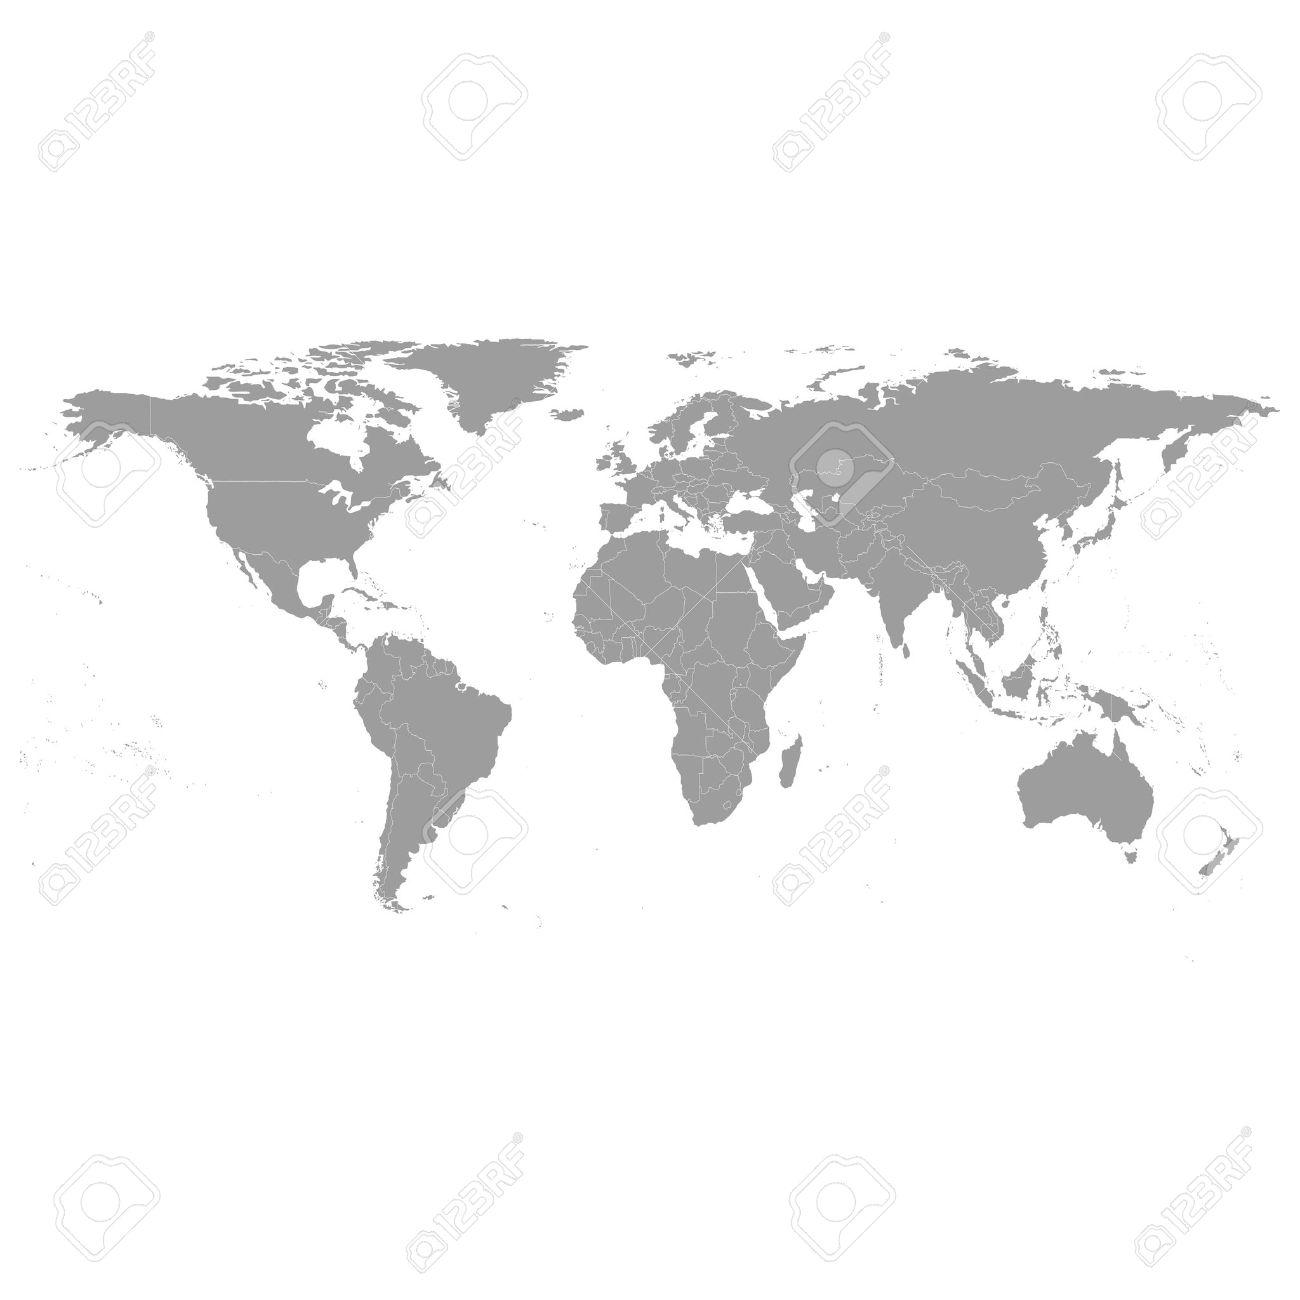 Gray world political map vector luz ilustracin vectorial de diseo foto de archivo gray world political map vector luz ilustracin vectorial de diseo gumiabroncs Image collections